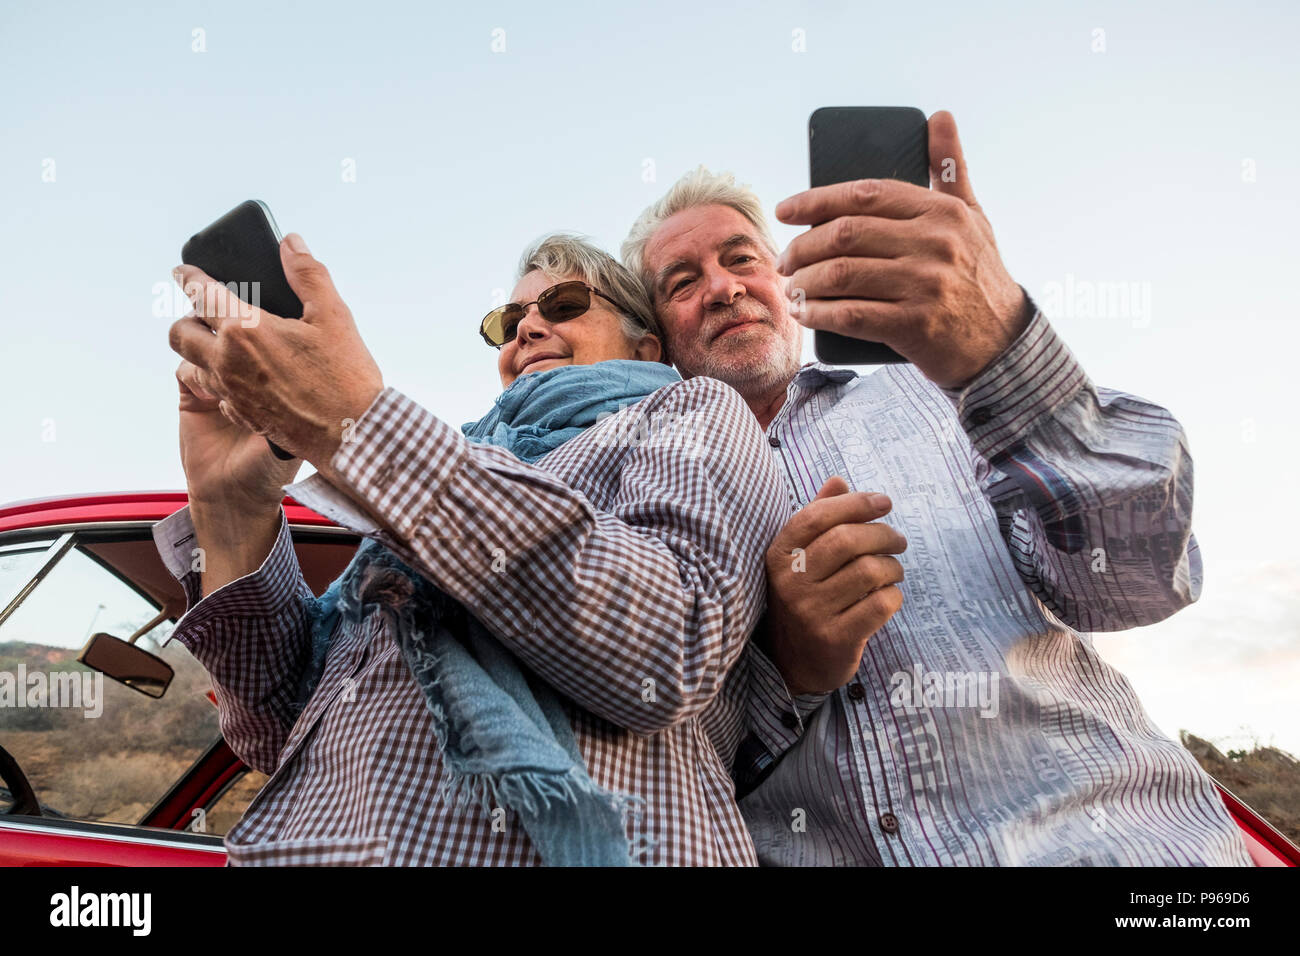 Punto de vista alternativo desde el fondo para jóvenes parejas ancianas Pueblo Caucasiano utilizando el smartphone a tomar fotografías y conectarse a internet. Un viaje Imagen De Stock